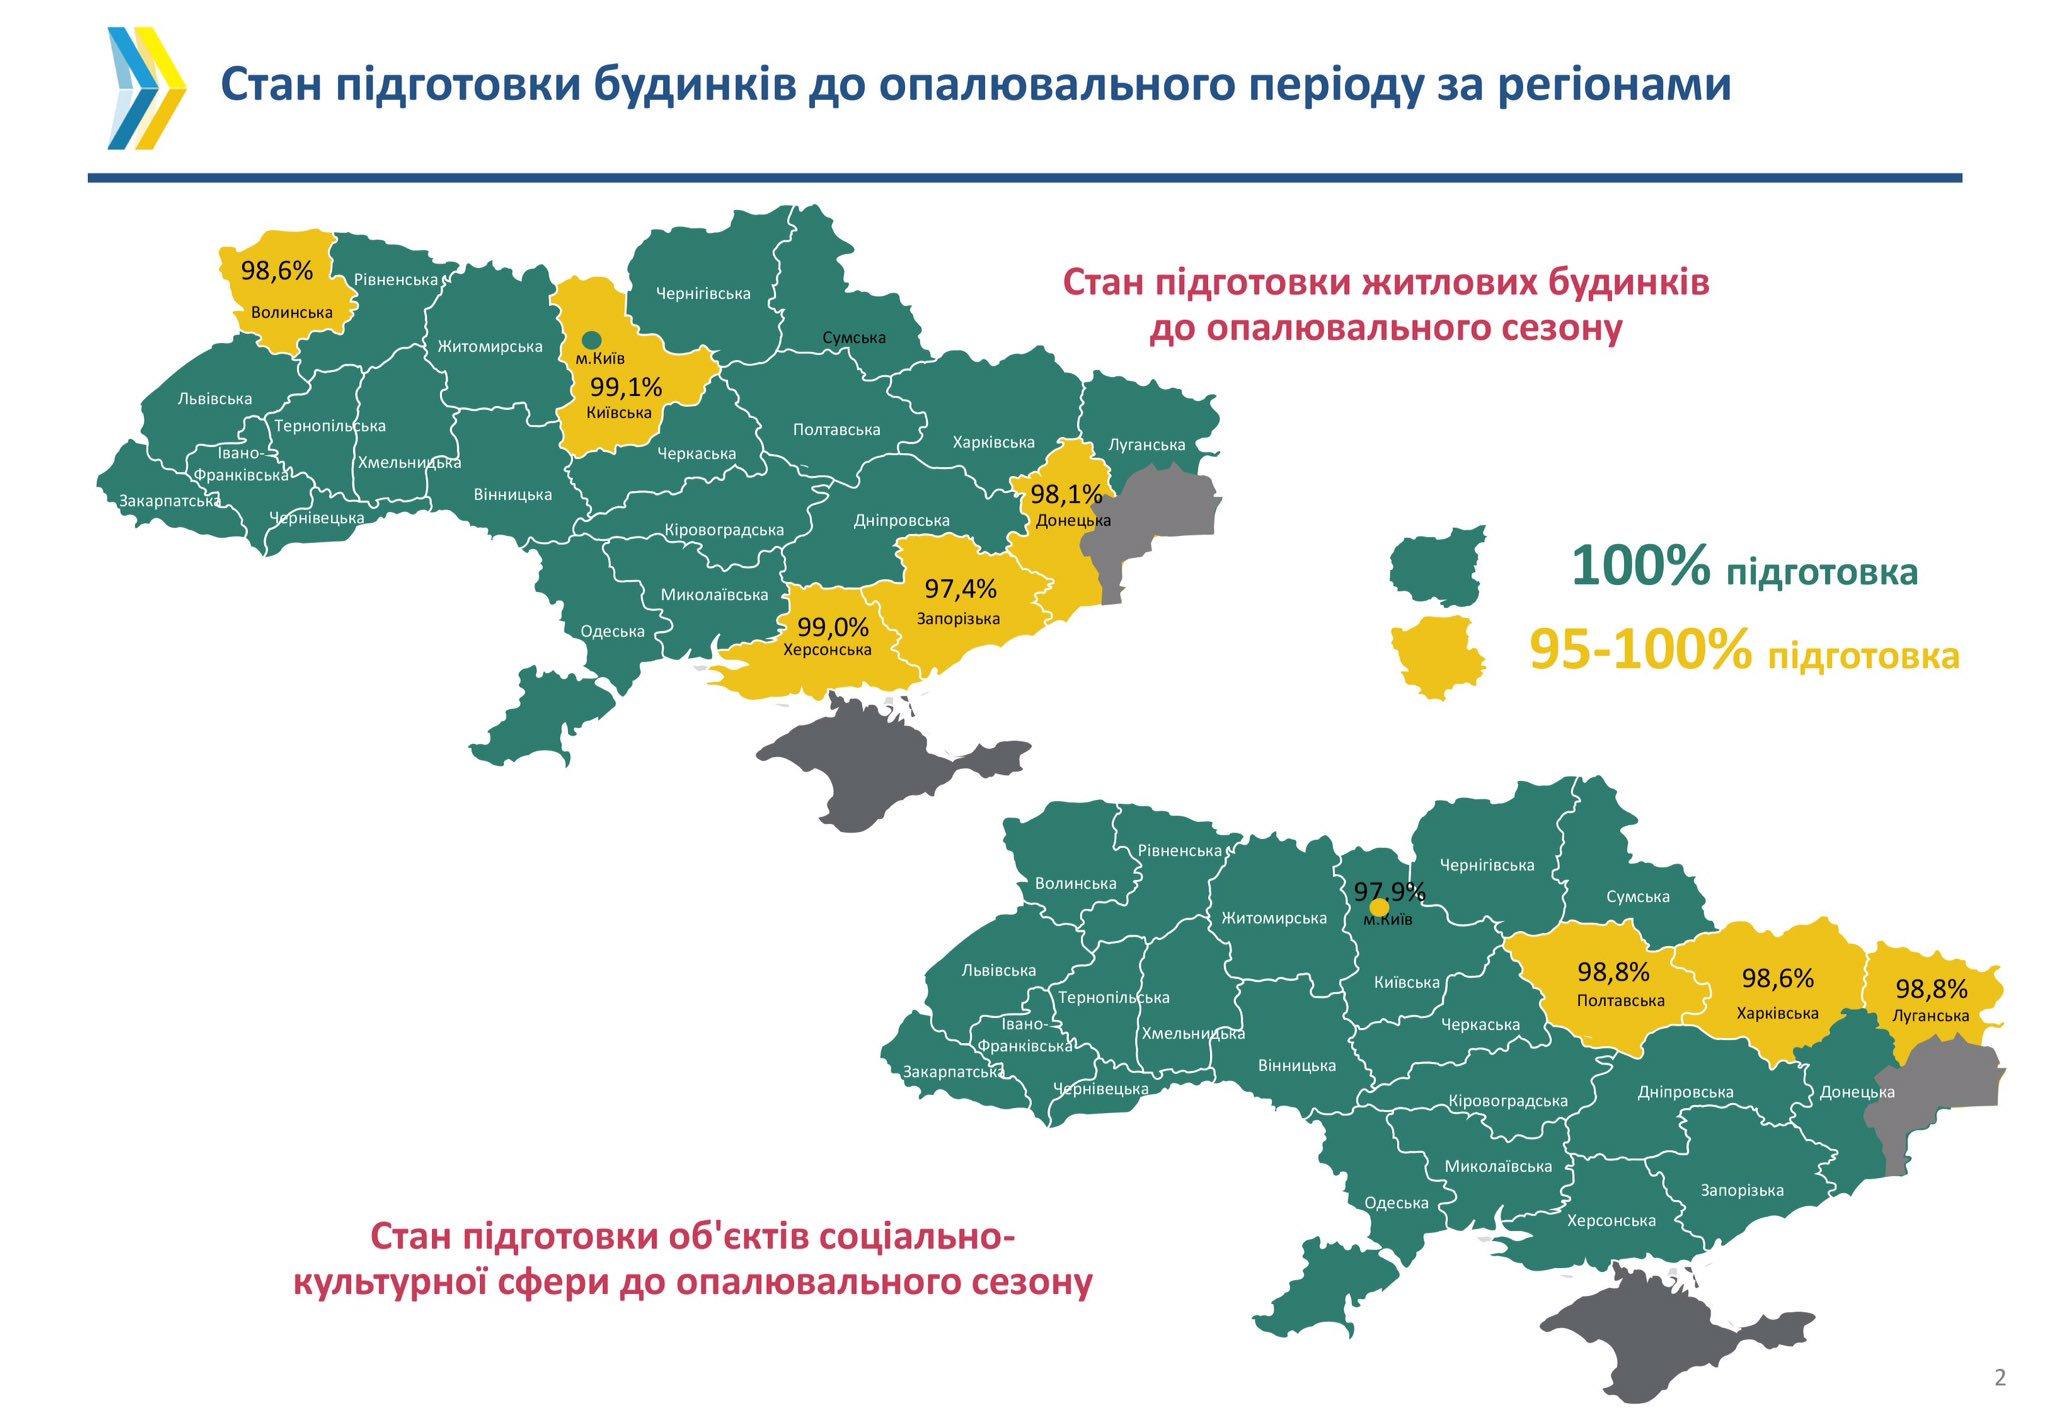 Україна повністю готова до опалювального сезону, - Насалик - фото 1